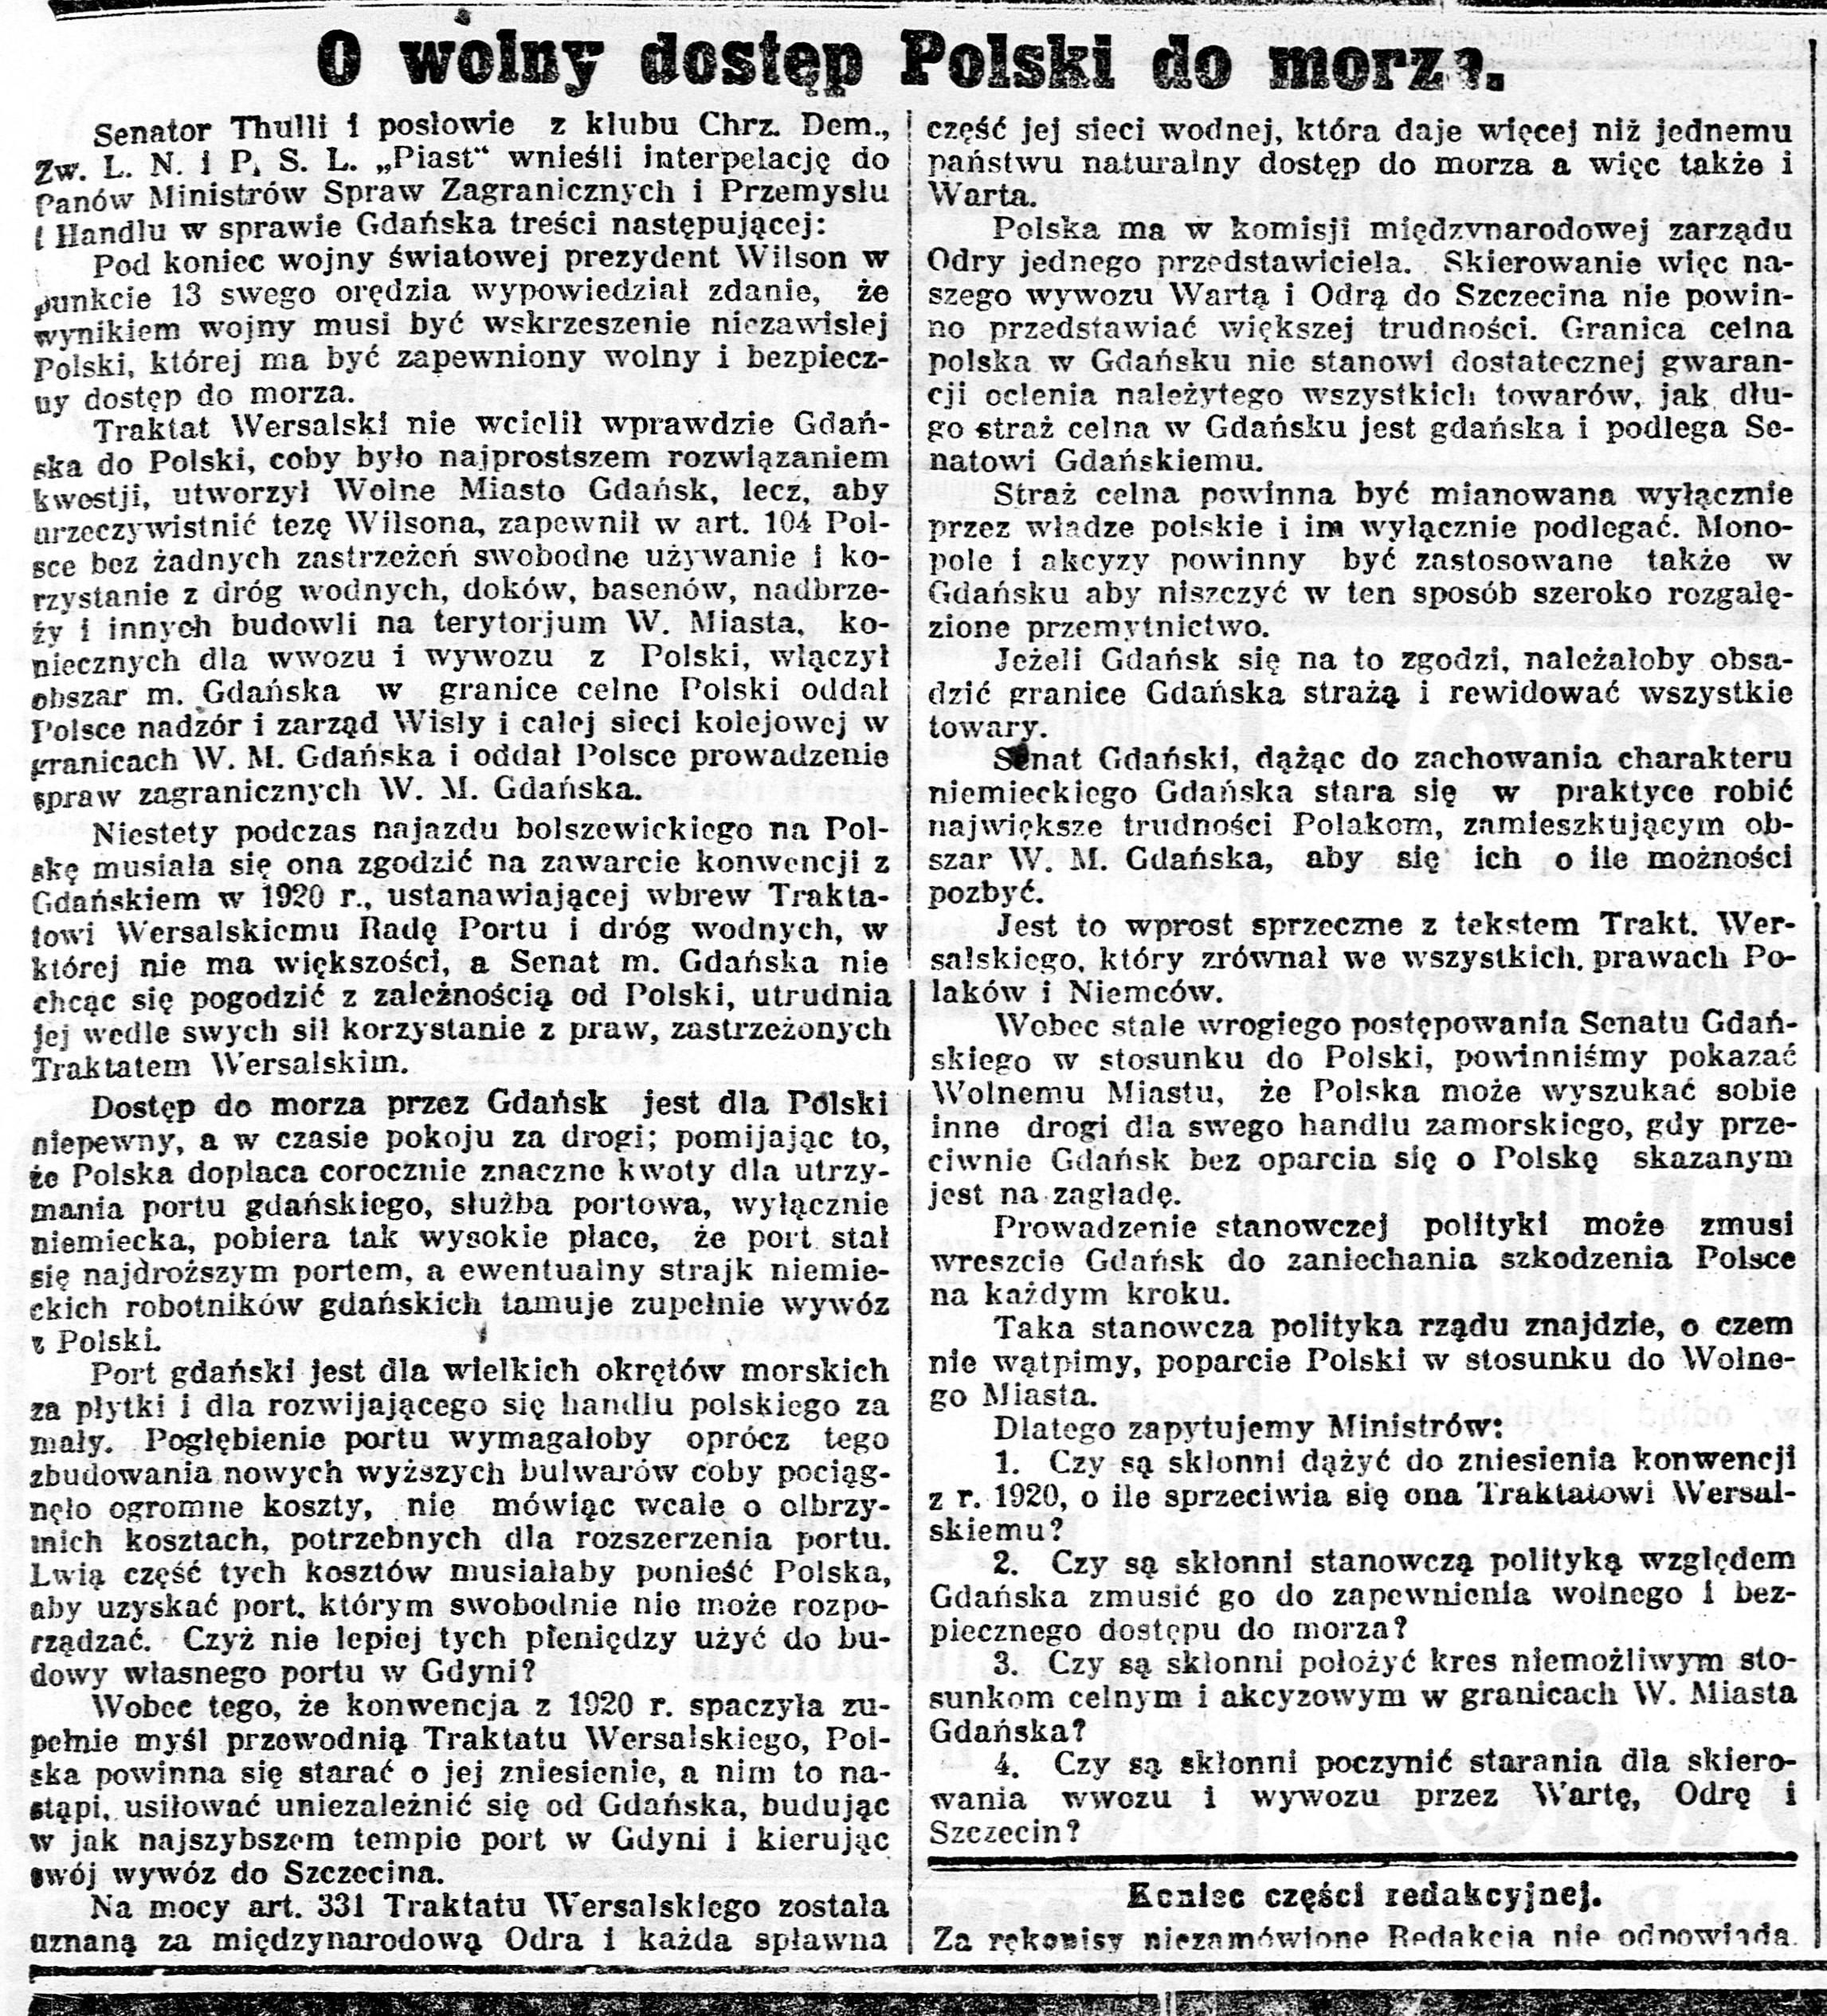 Historia Polski. Początki polskiej gopodarki morskie w okresie międzywojennym (lata 1918-1939)